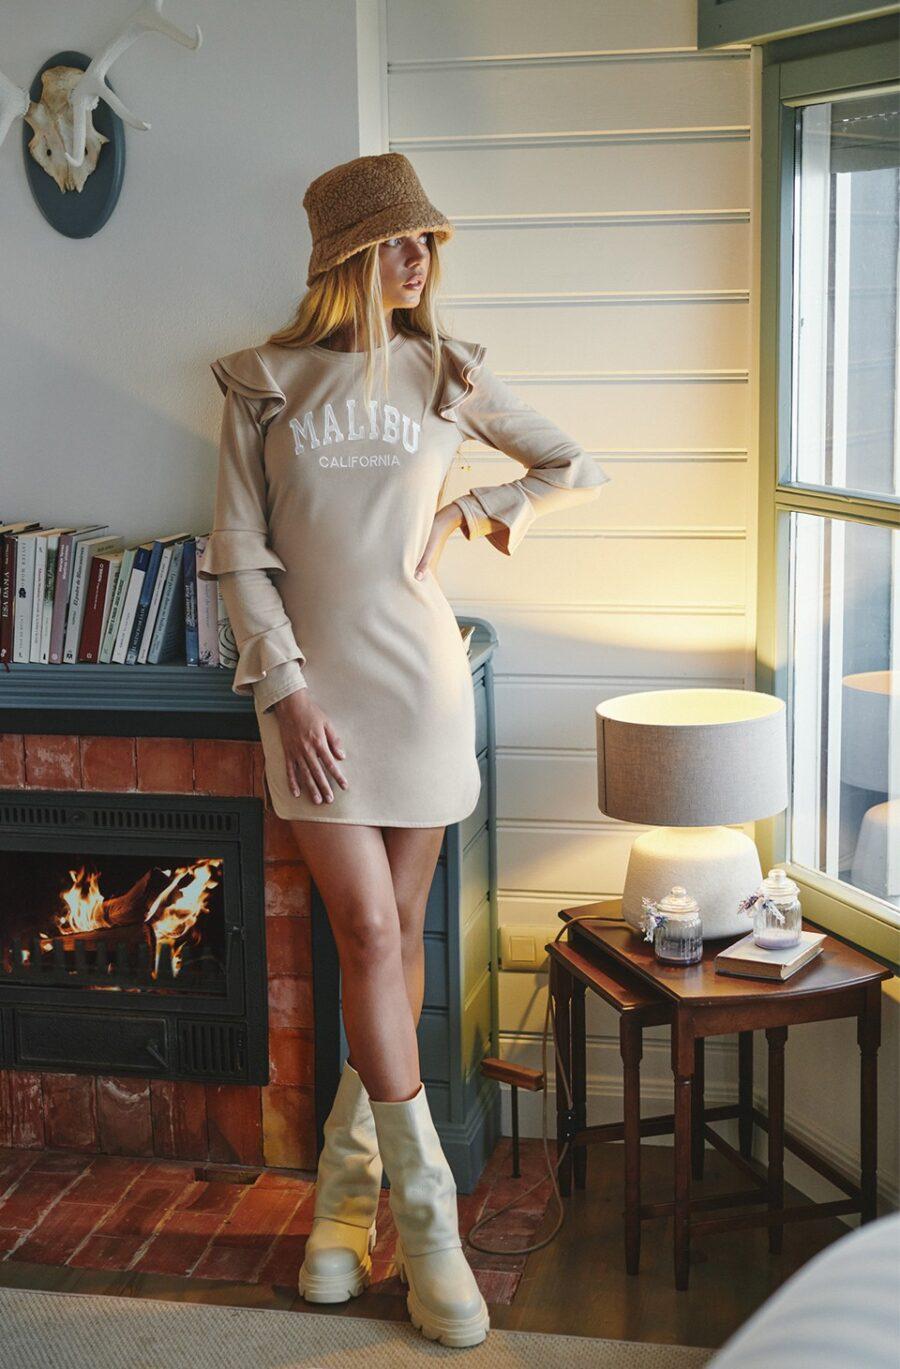 <ul> <li>Vestido sudadera en color camel</li> <li>Marca Fetiche</li> <li>Adorno de bordado Malibu Australia</li> <li>Manga larga con detalle de volantes</li> <li>100% Algodón</li> <li>La modelo mide 1.80cm y lleva talla S</li> </ul> Alabama Shop